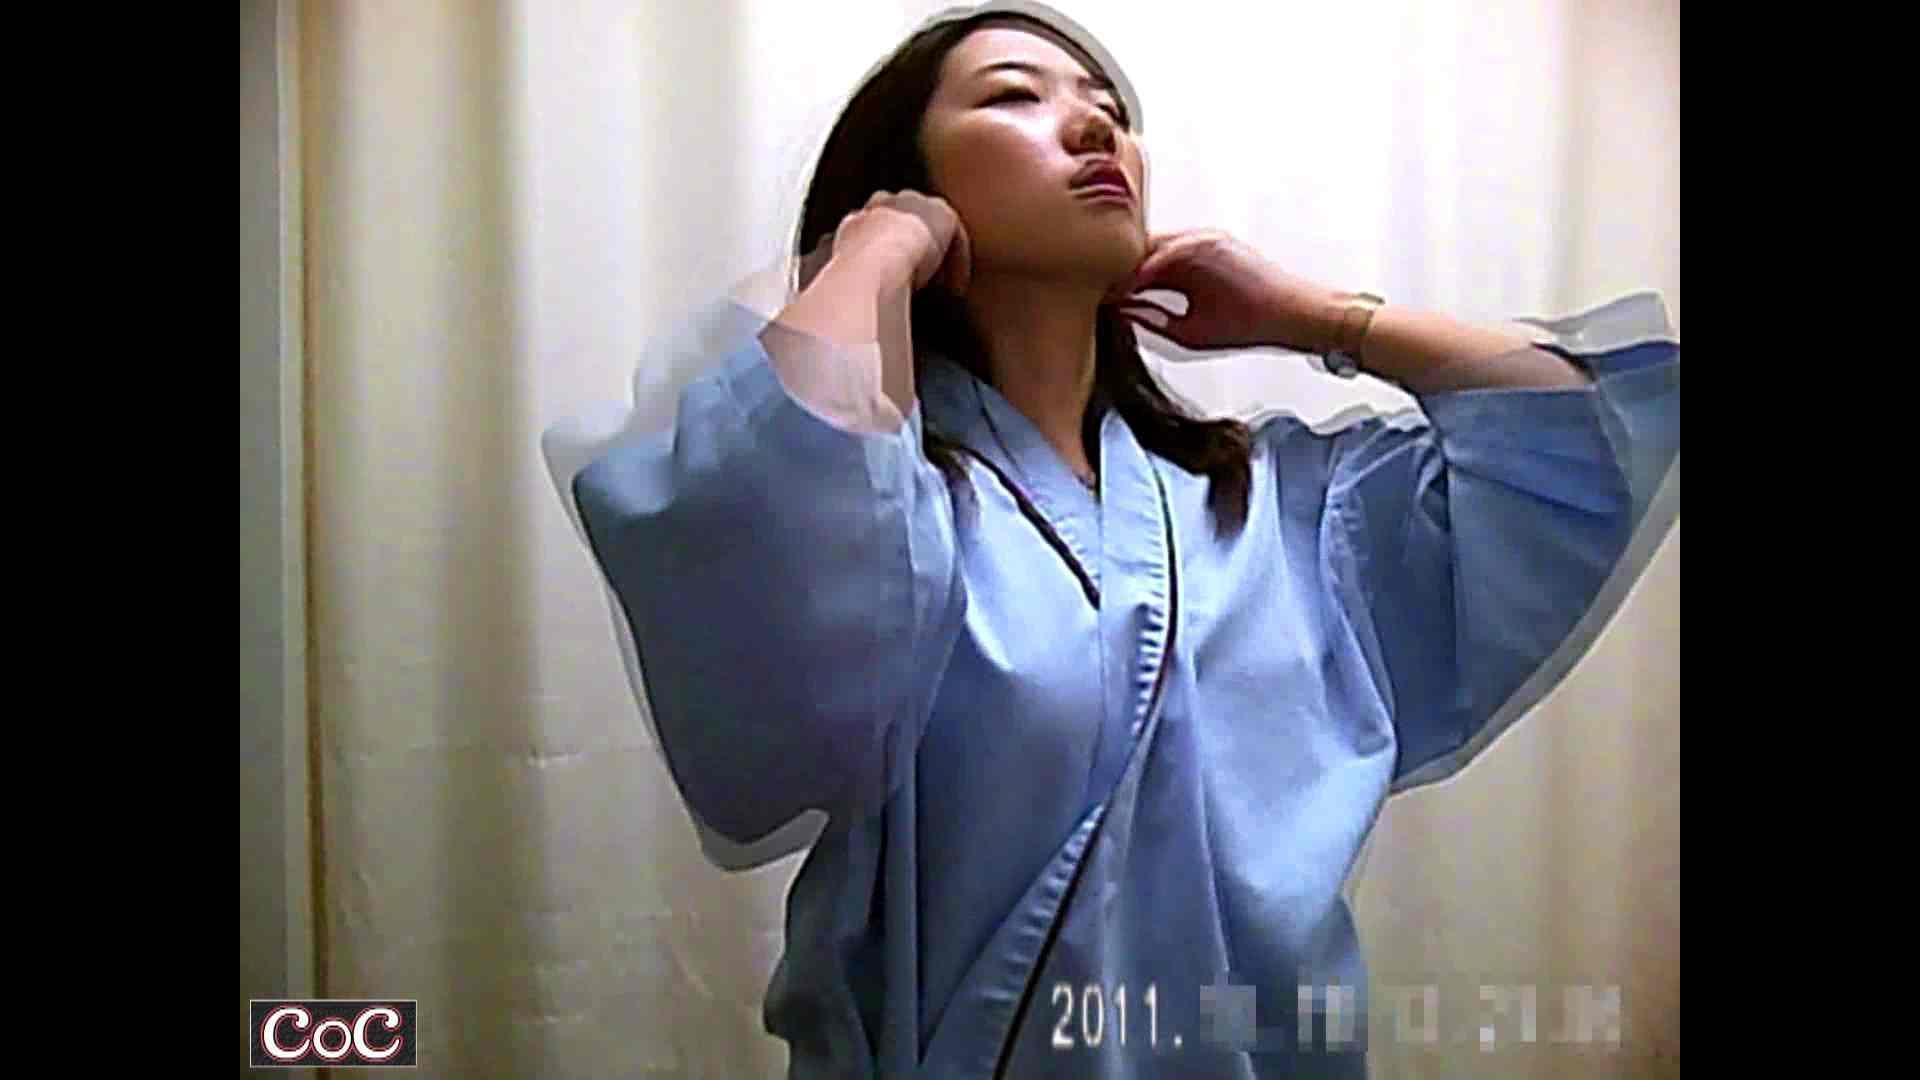 元医者による反抗 更衣室地獄絵巻 vol.199 OLハメ撮り  95Pix 15